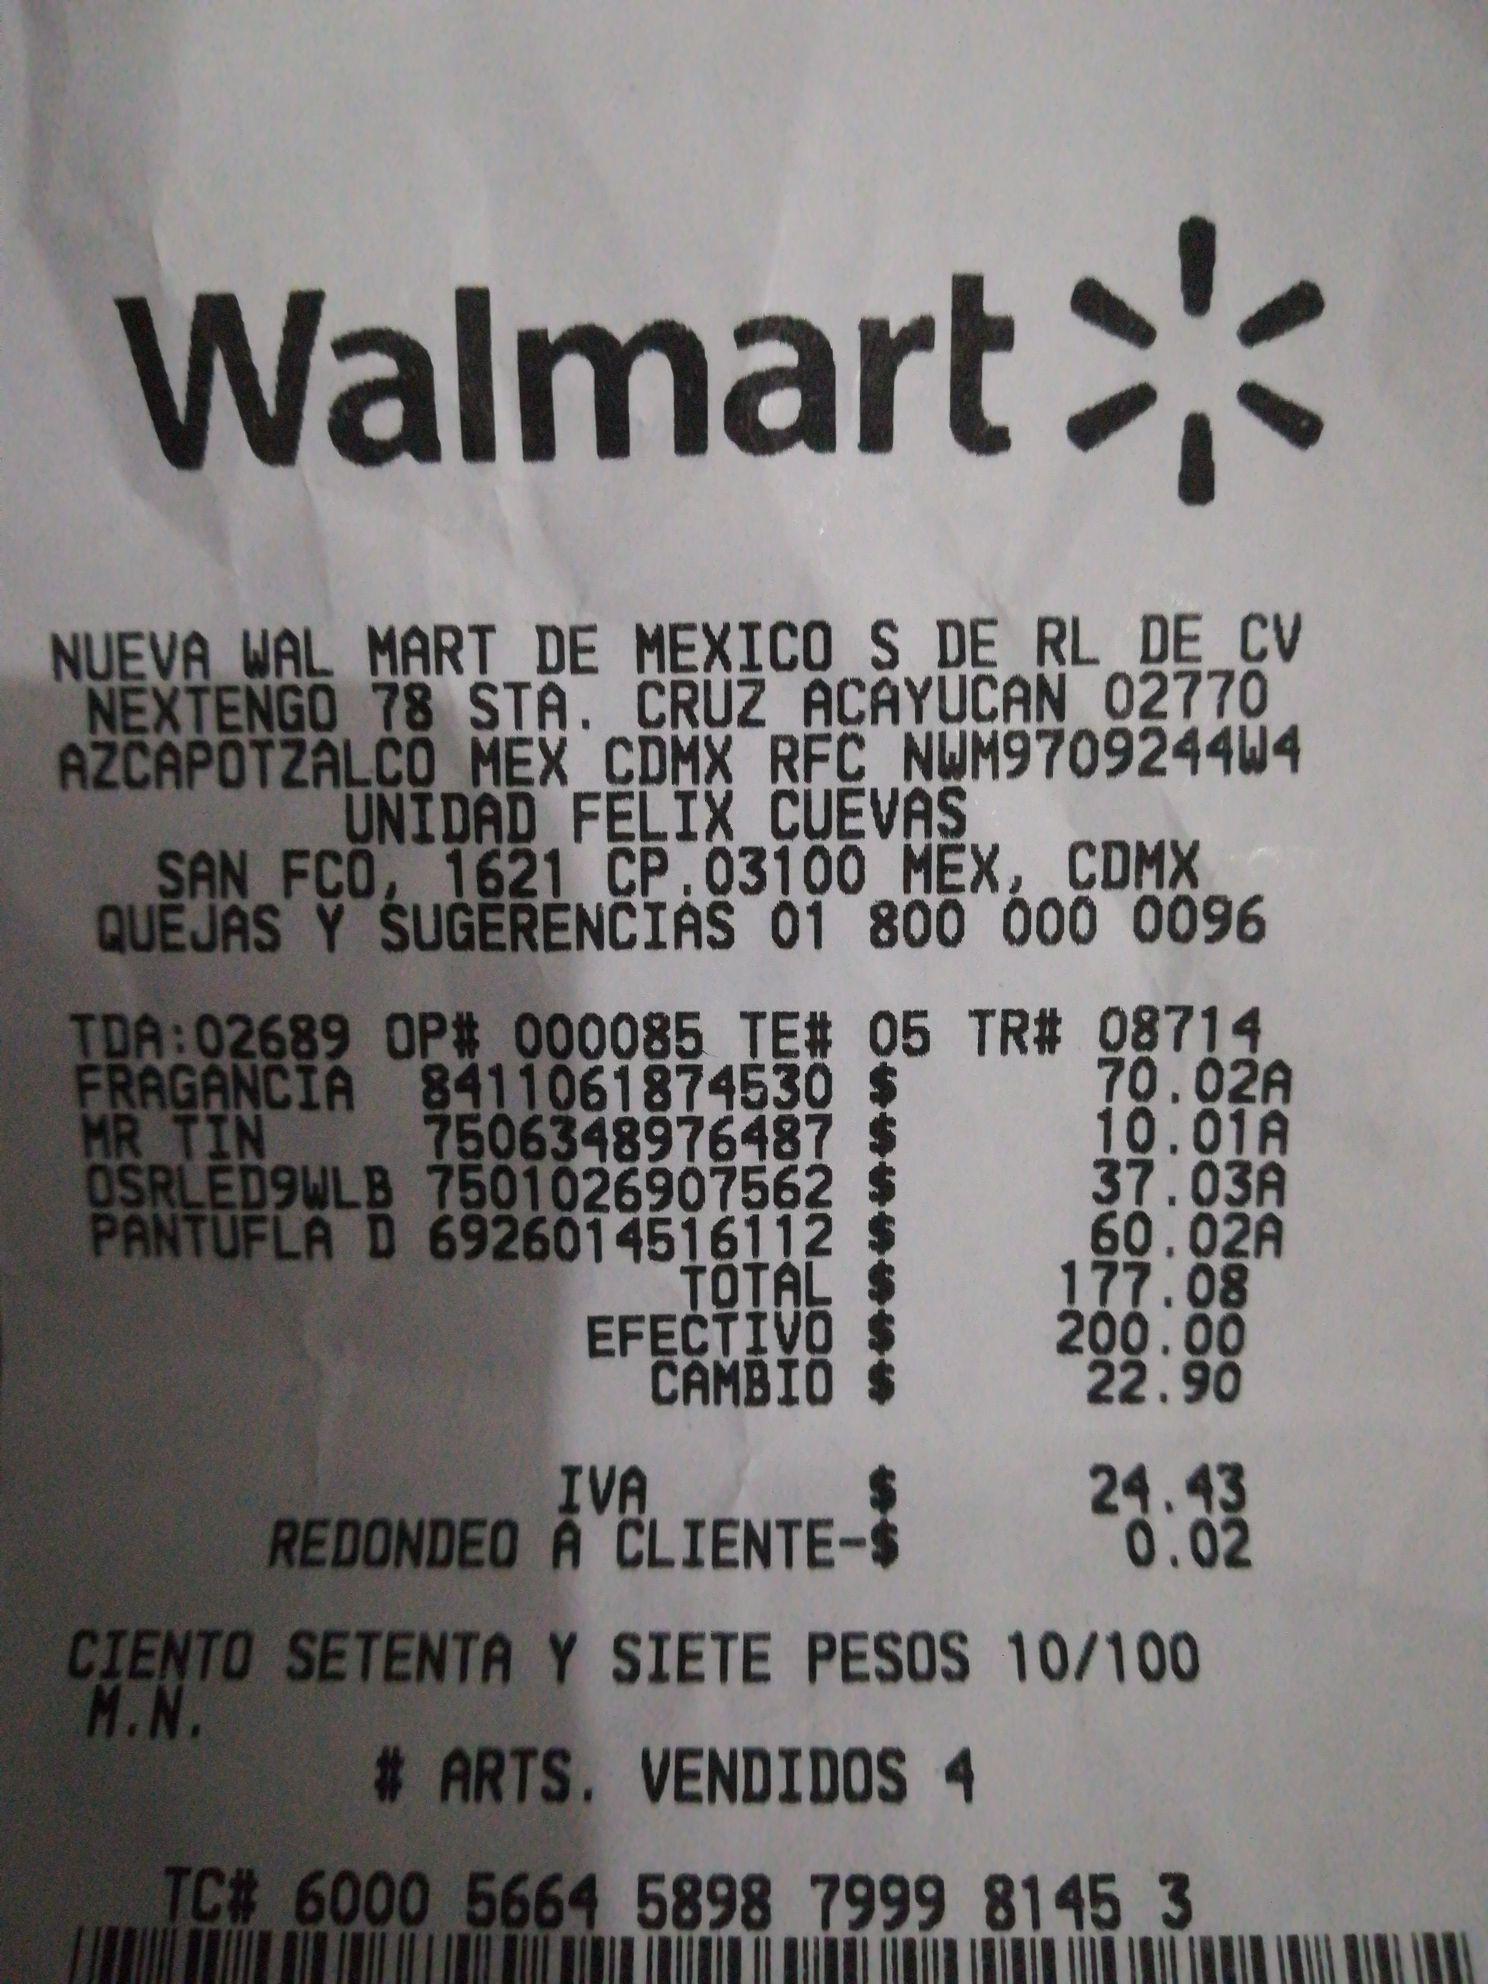 Walmart Félix Cuevas: Liquidaciones .02 y .03 (ej. Kit de fragancia $70.02)